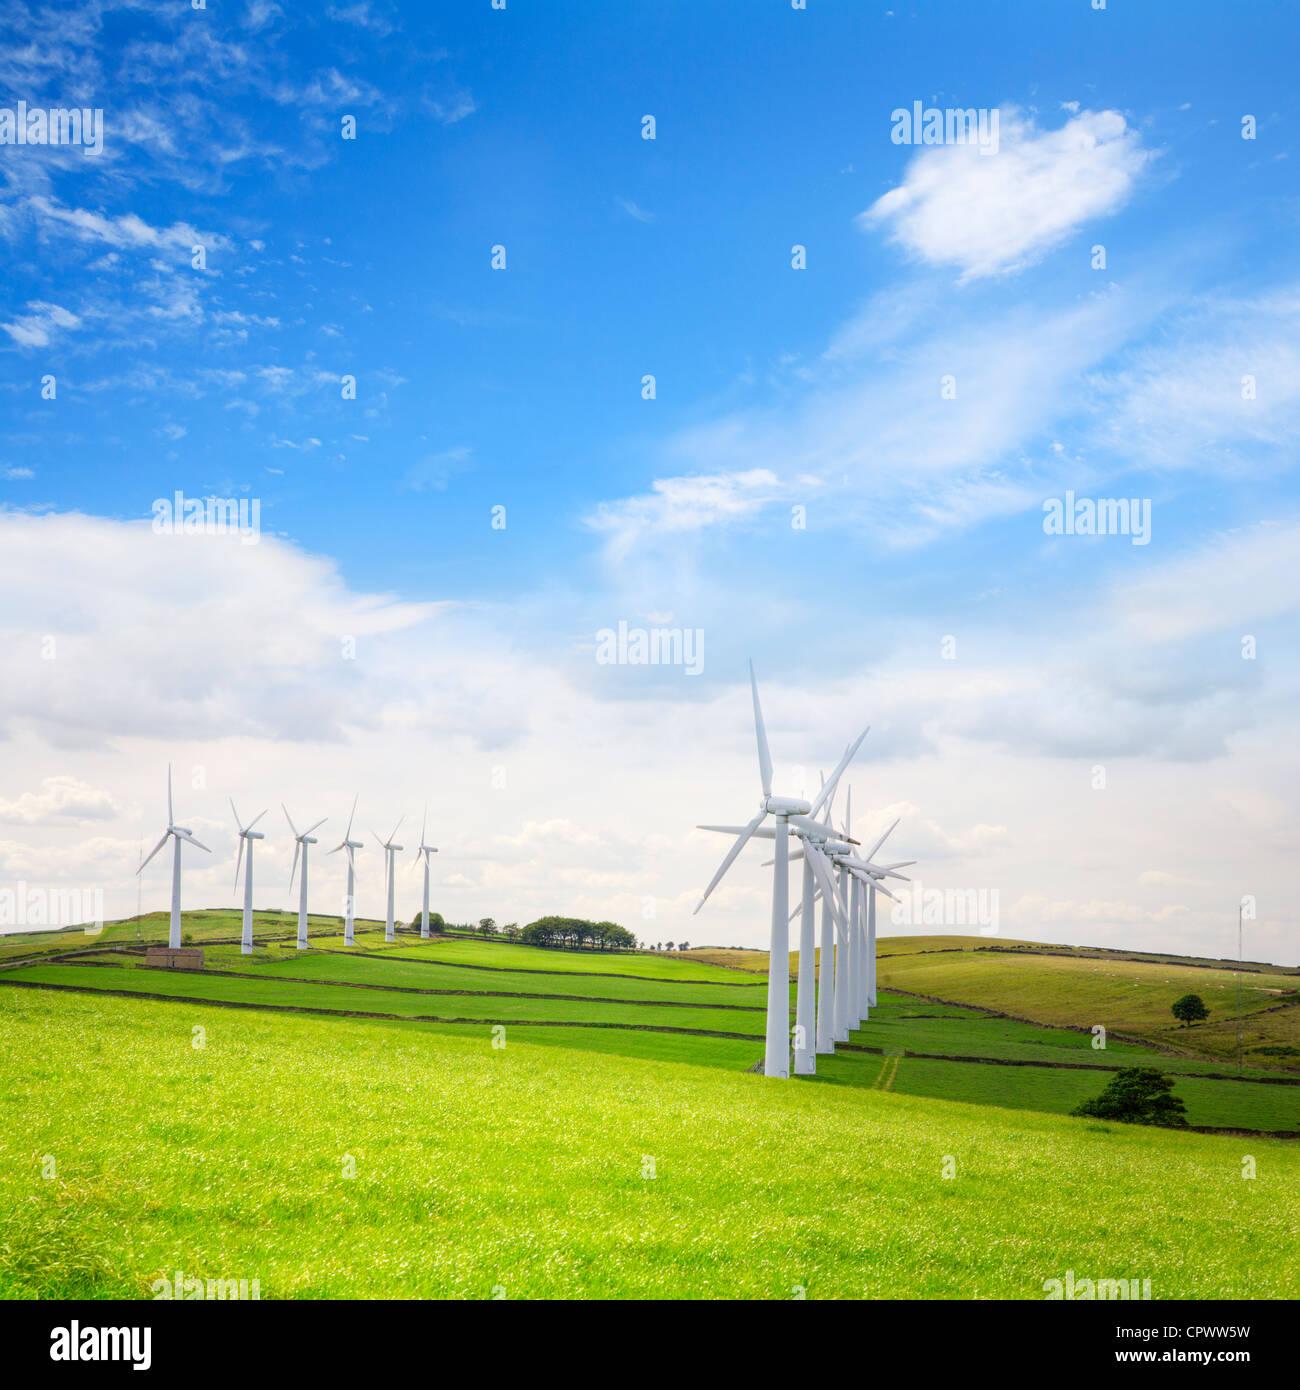 Double rangée d'éoliennes à Royd Moor wind farm, Penistone, Yorkshire. Photo Stock